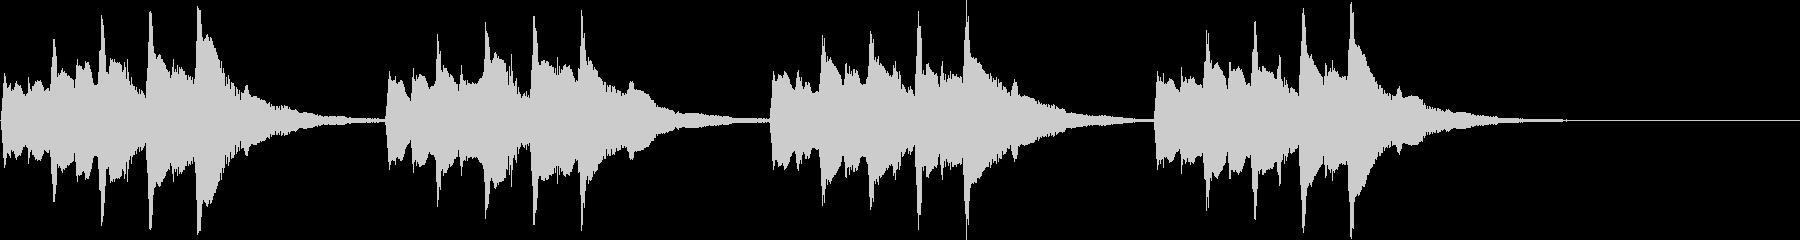 オーソドックスメロディアス着信音5の未再生の波形